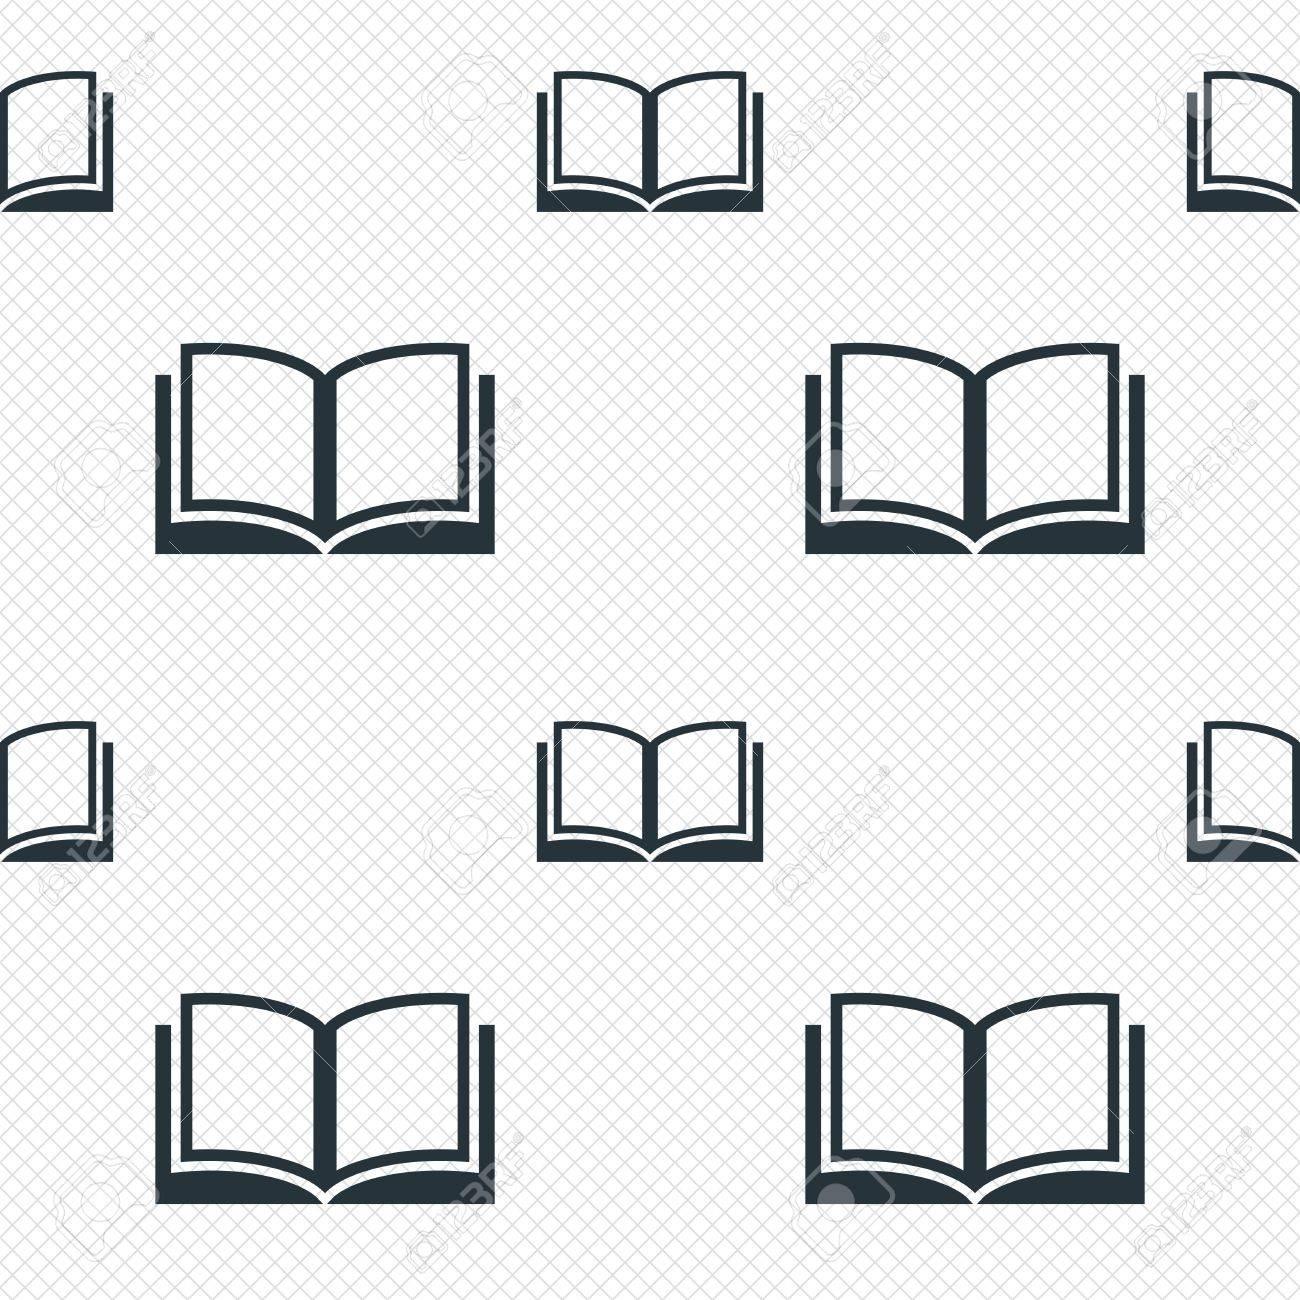 Signe Du Livre Icone Ouvert Symbole De Livre Lignes De La Grille Sans Soudure Texture Cellules Motif Repetitif Blanc Texture De Fond Vecteur